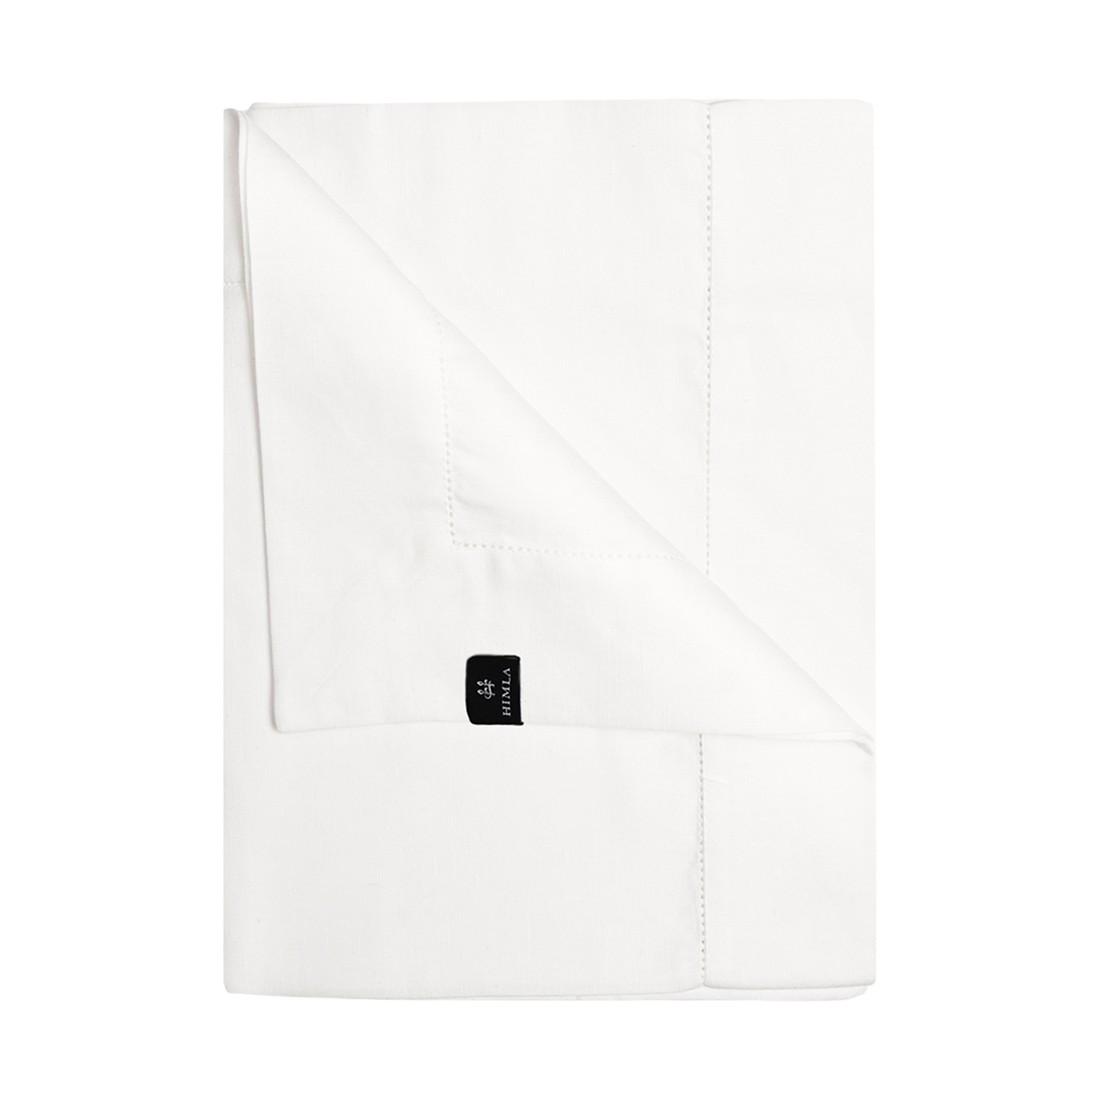 Serviette Ebba – 55% Leinen, 45% Baumwolle Weiß, Himla günstig kaufen